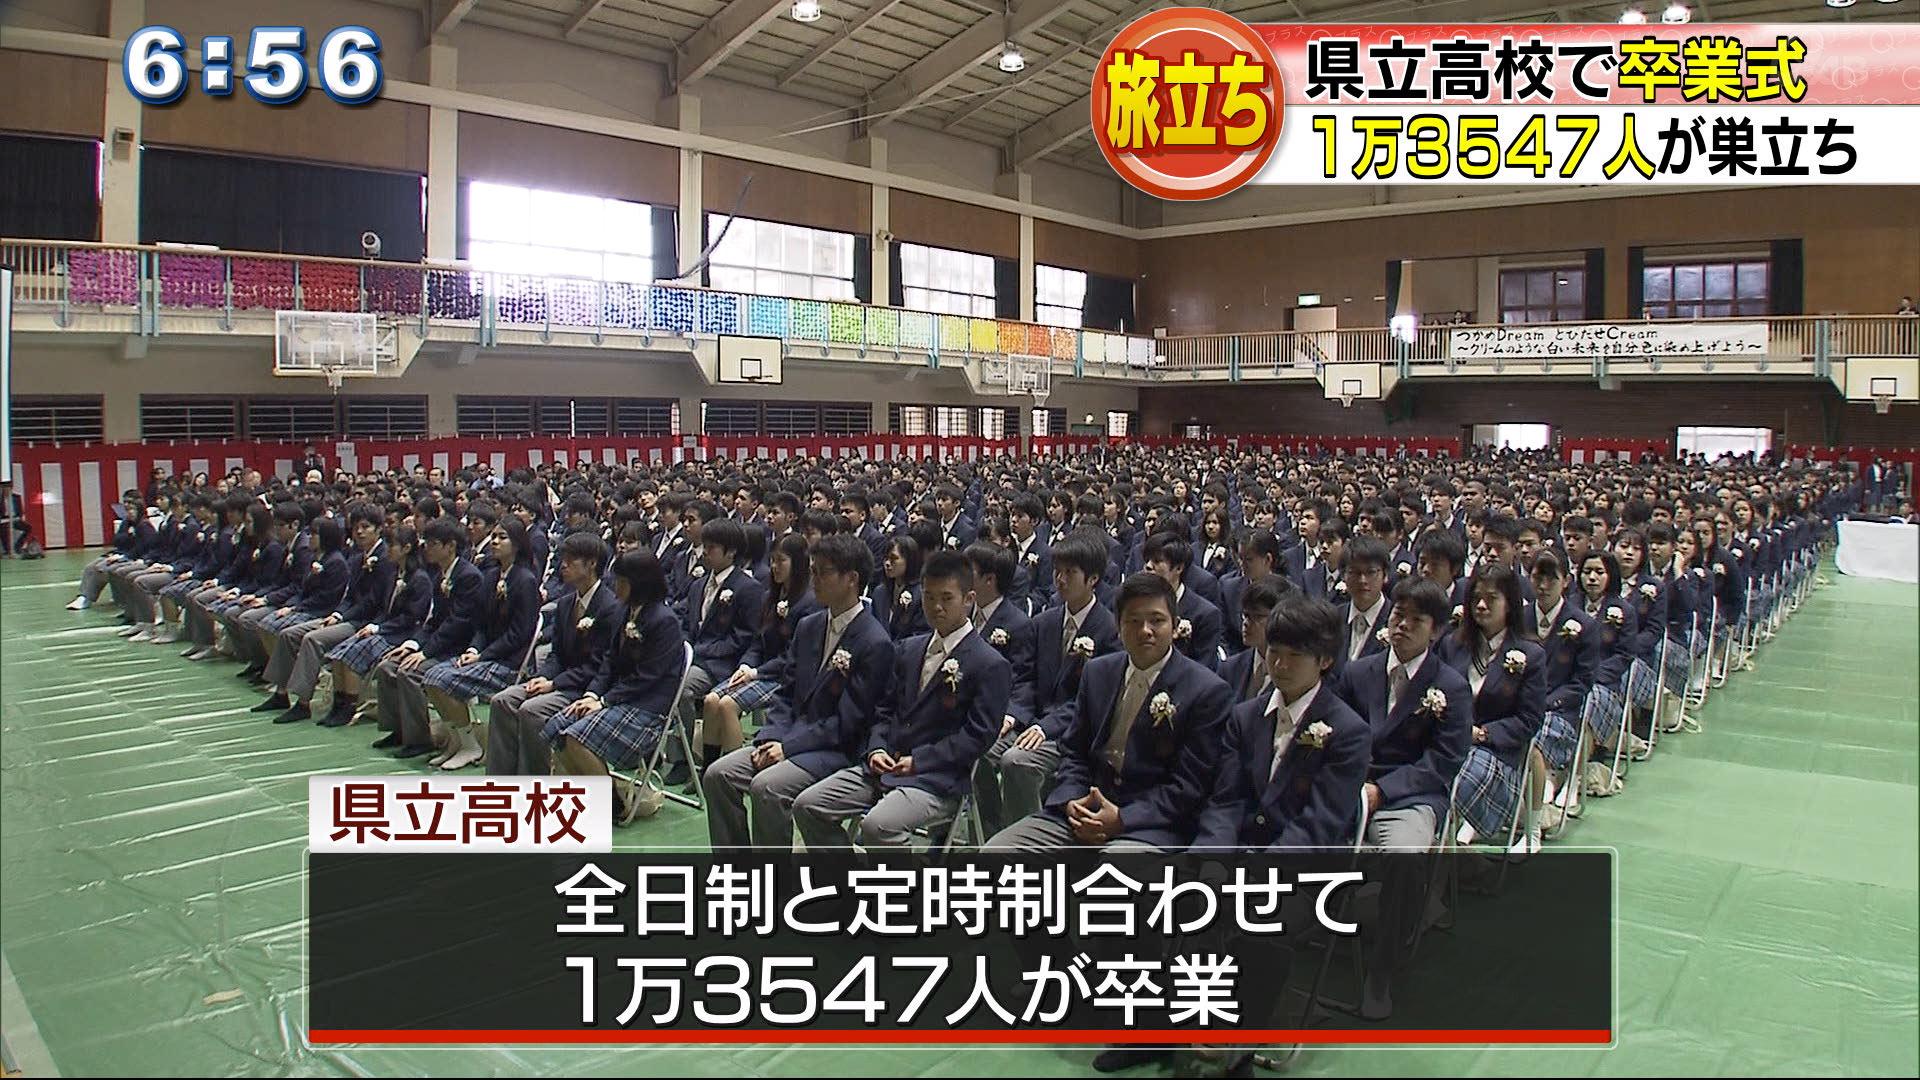 県立高校で卒業式 浦添高校